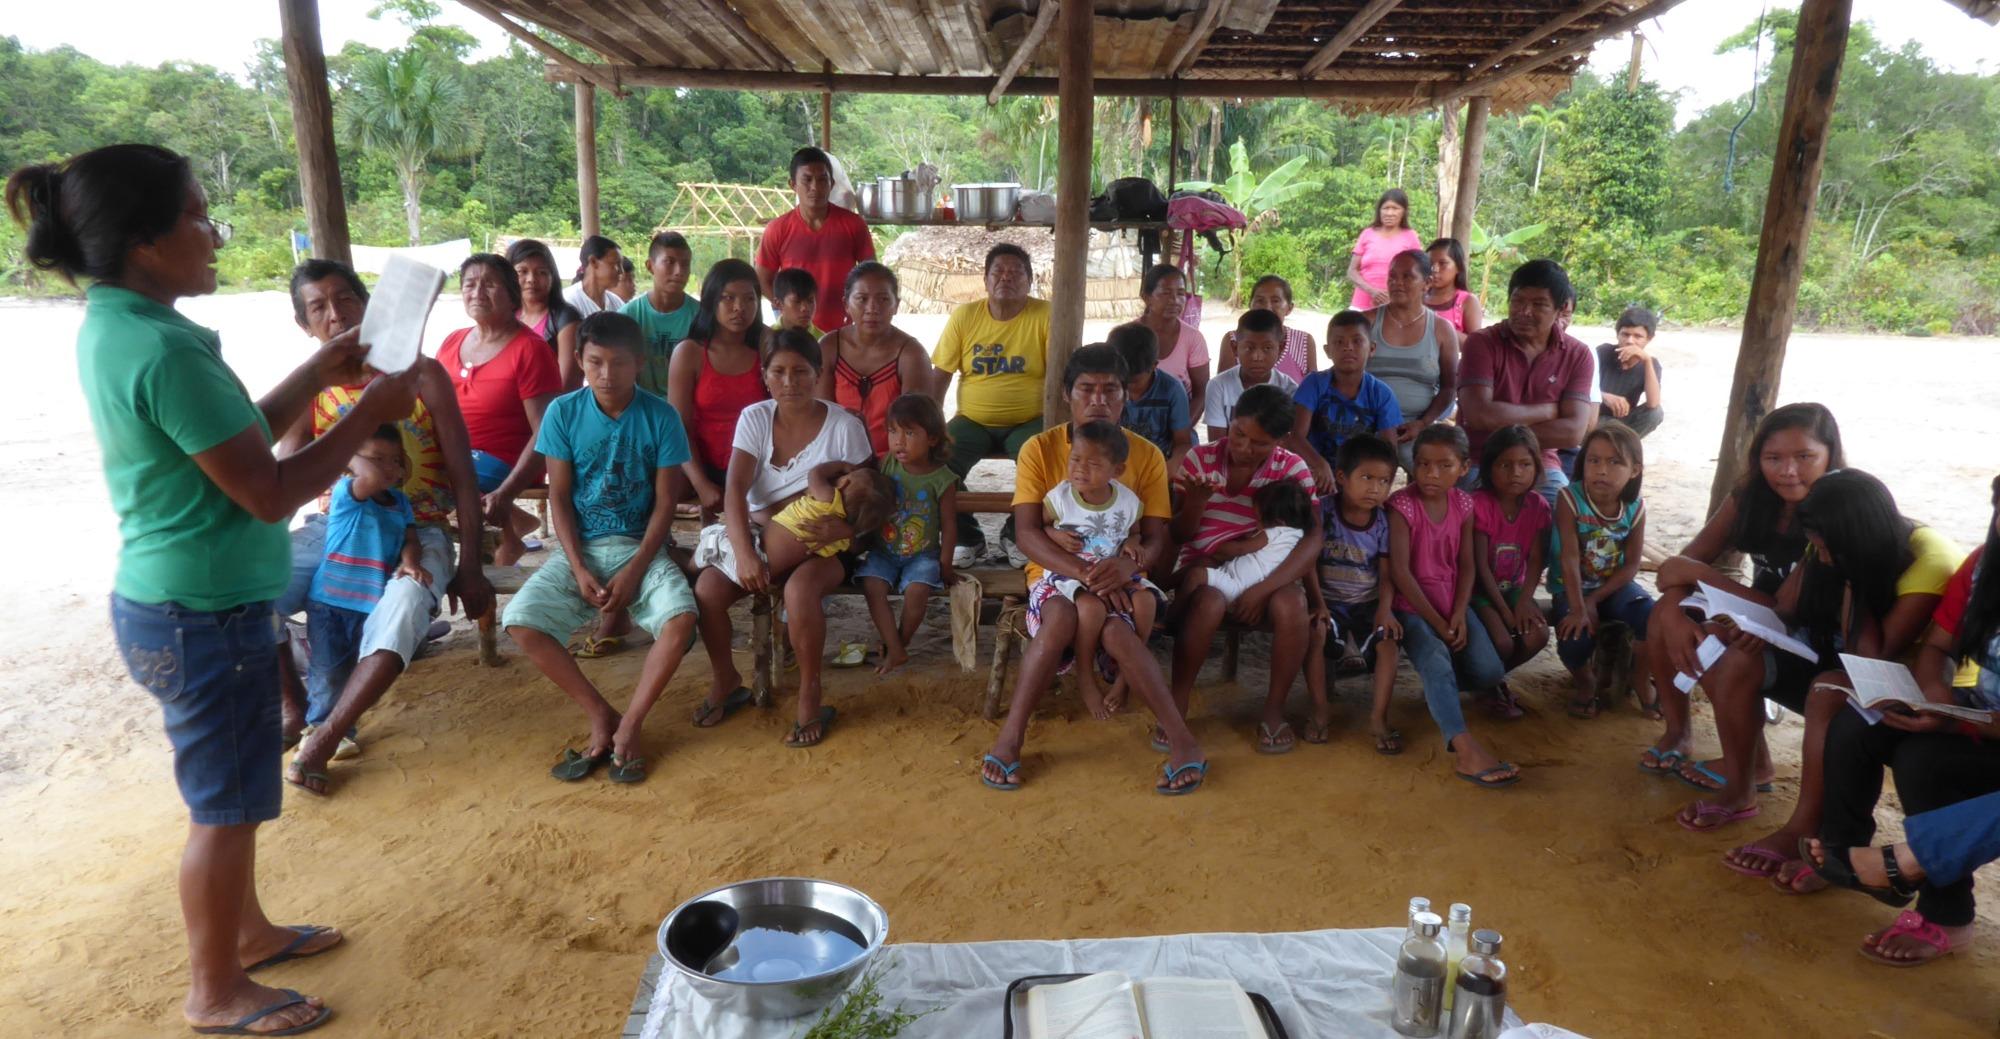 Las mujeres en las comunidades de la Amazonía